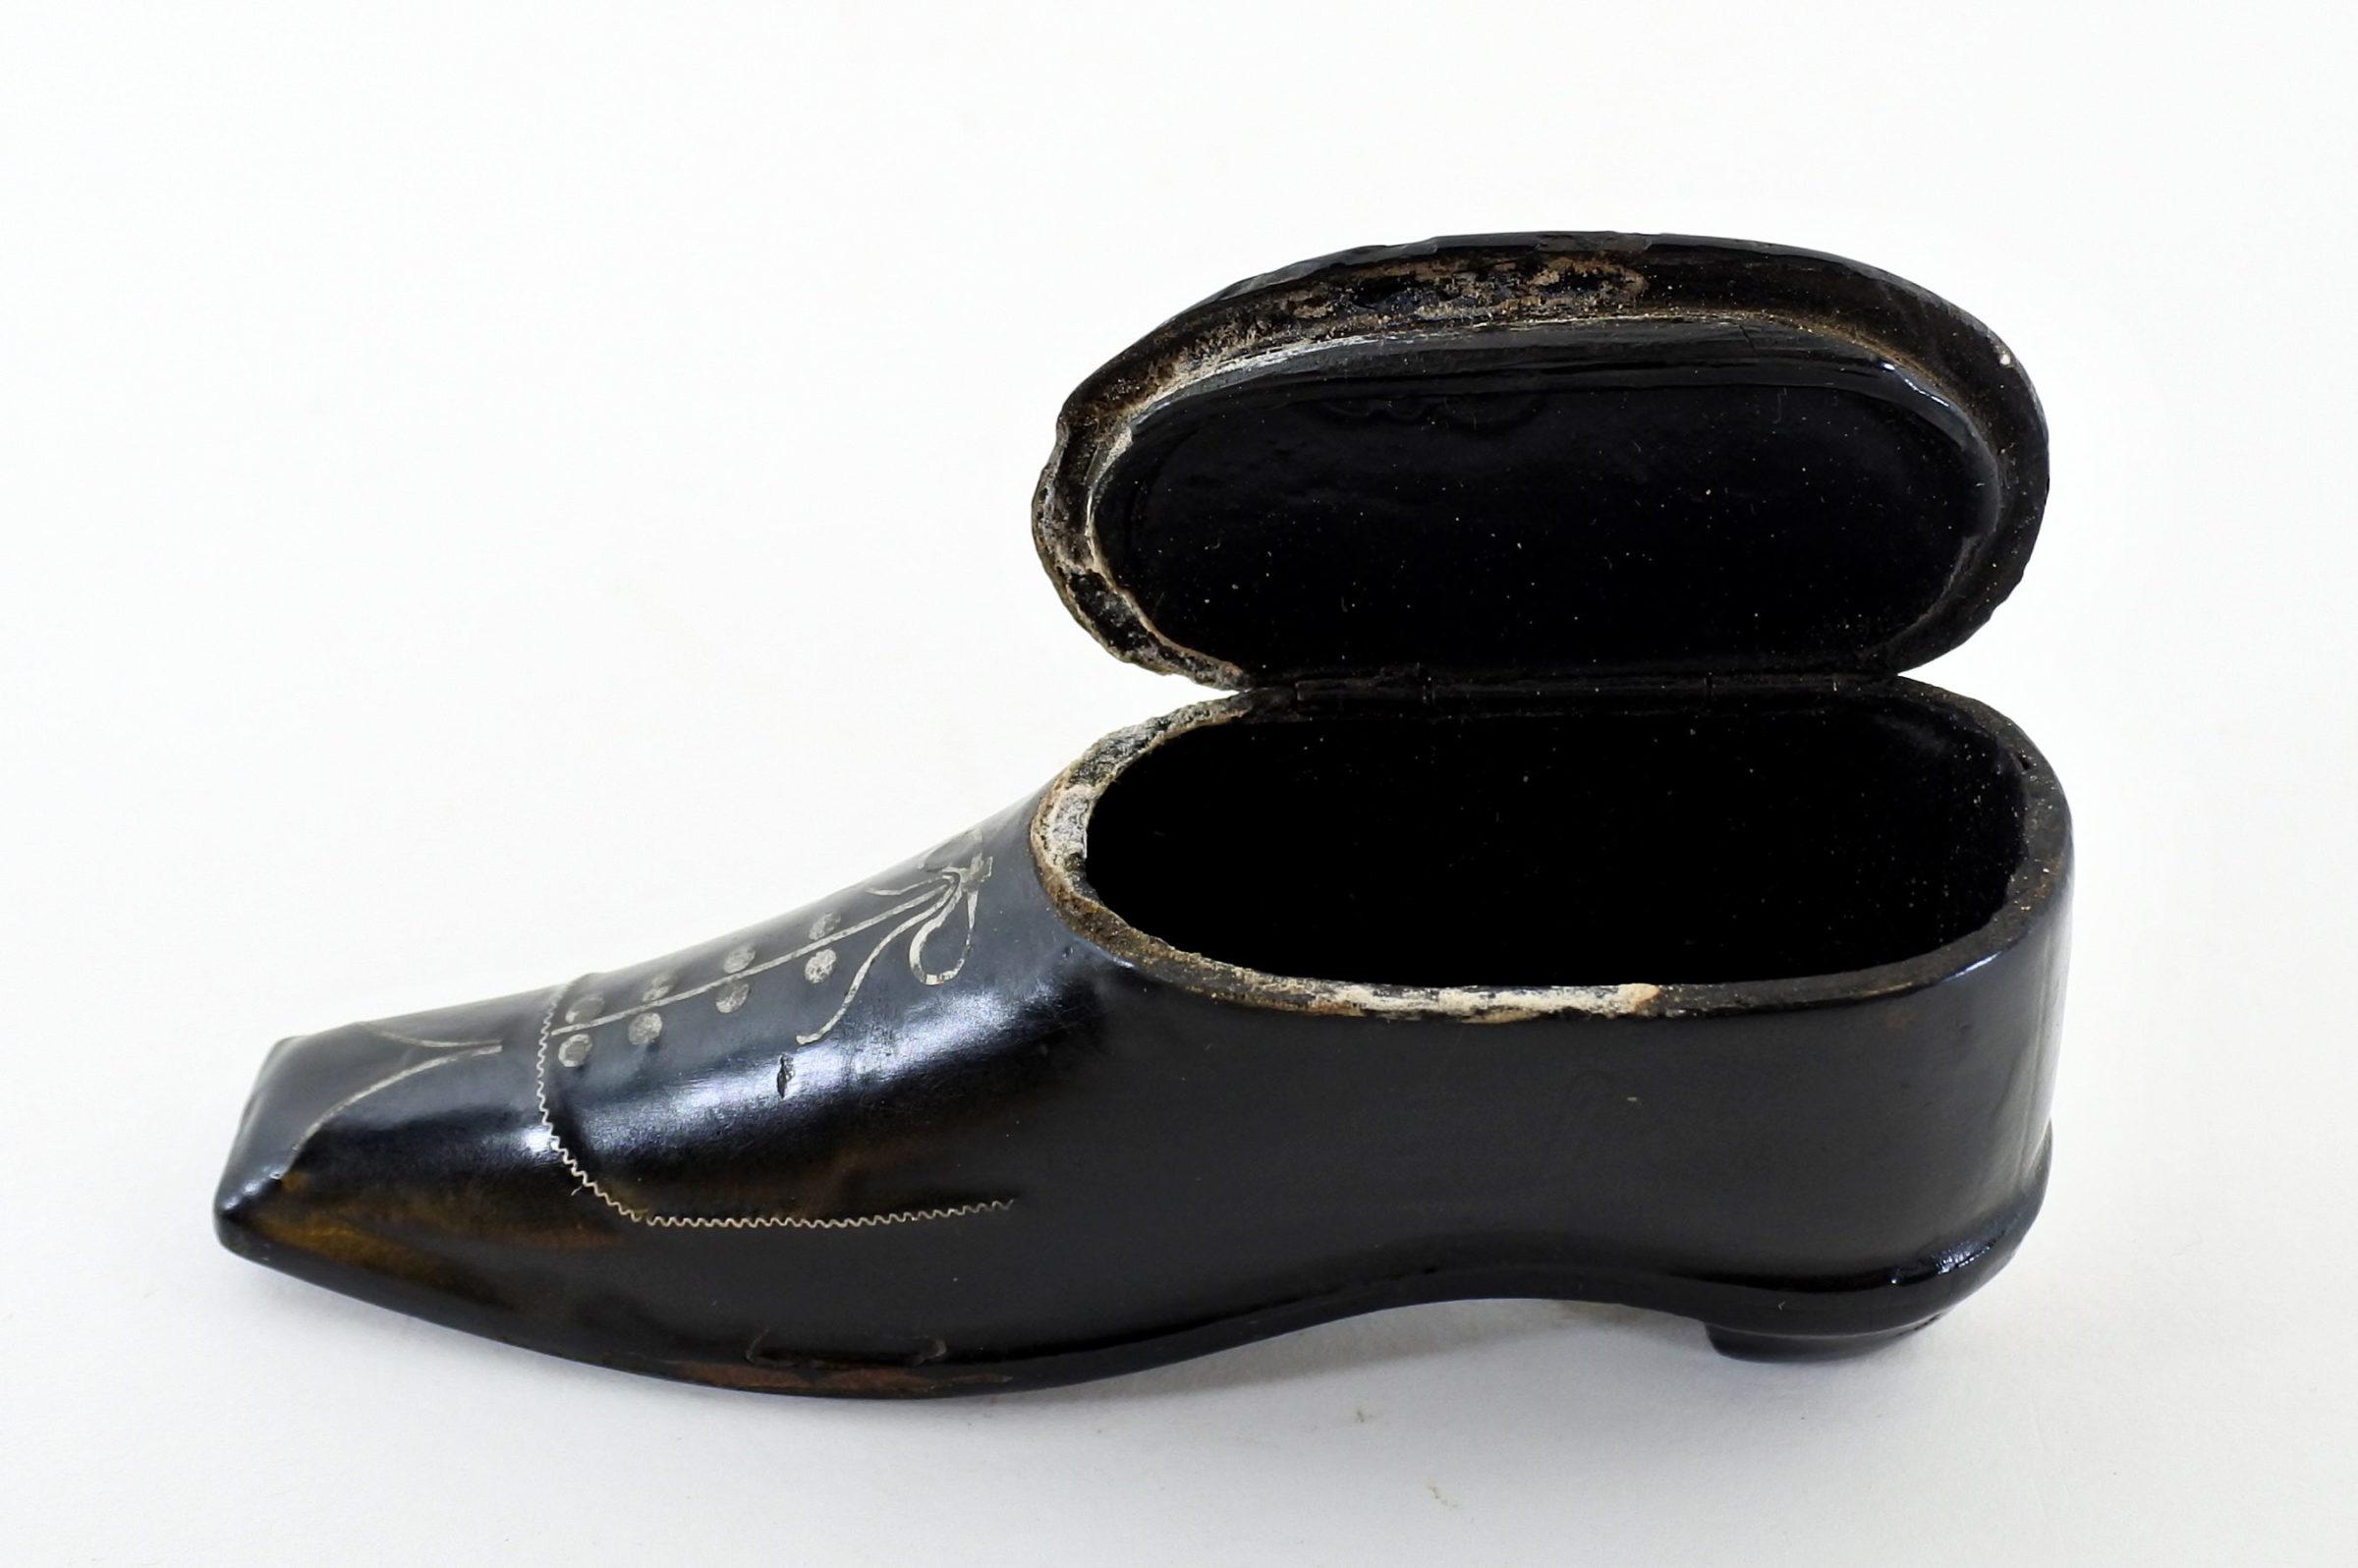 Tabacchiera in papier-mâché e argento a forma di scarpina - 3